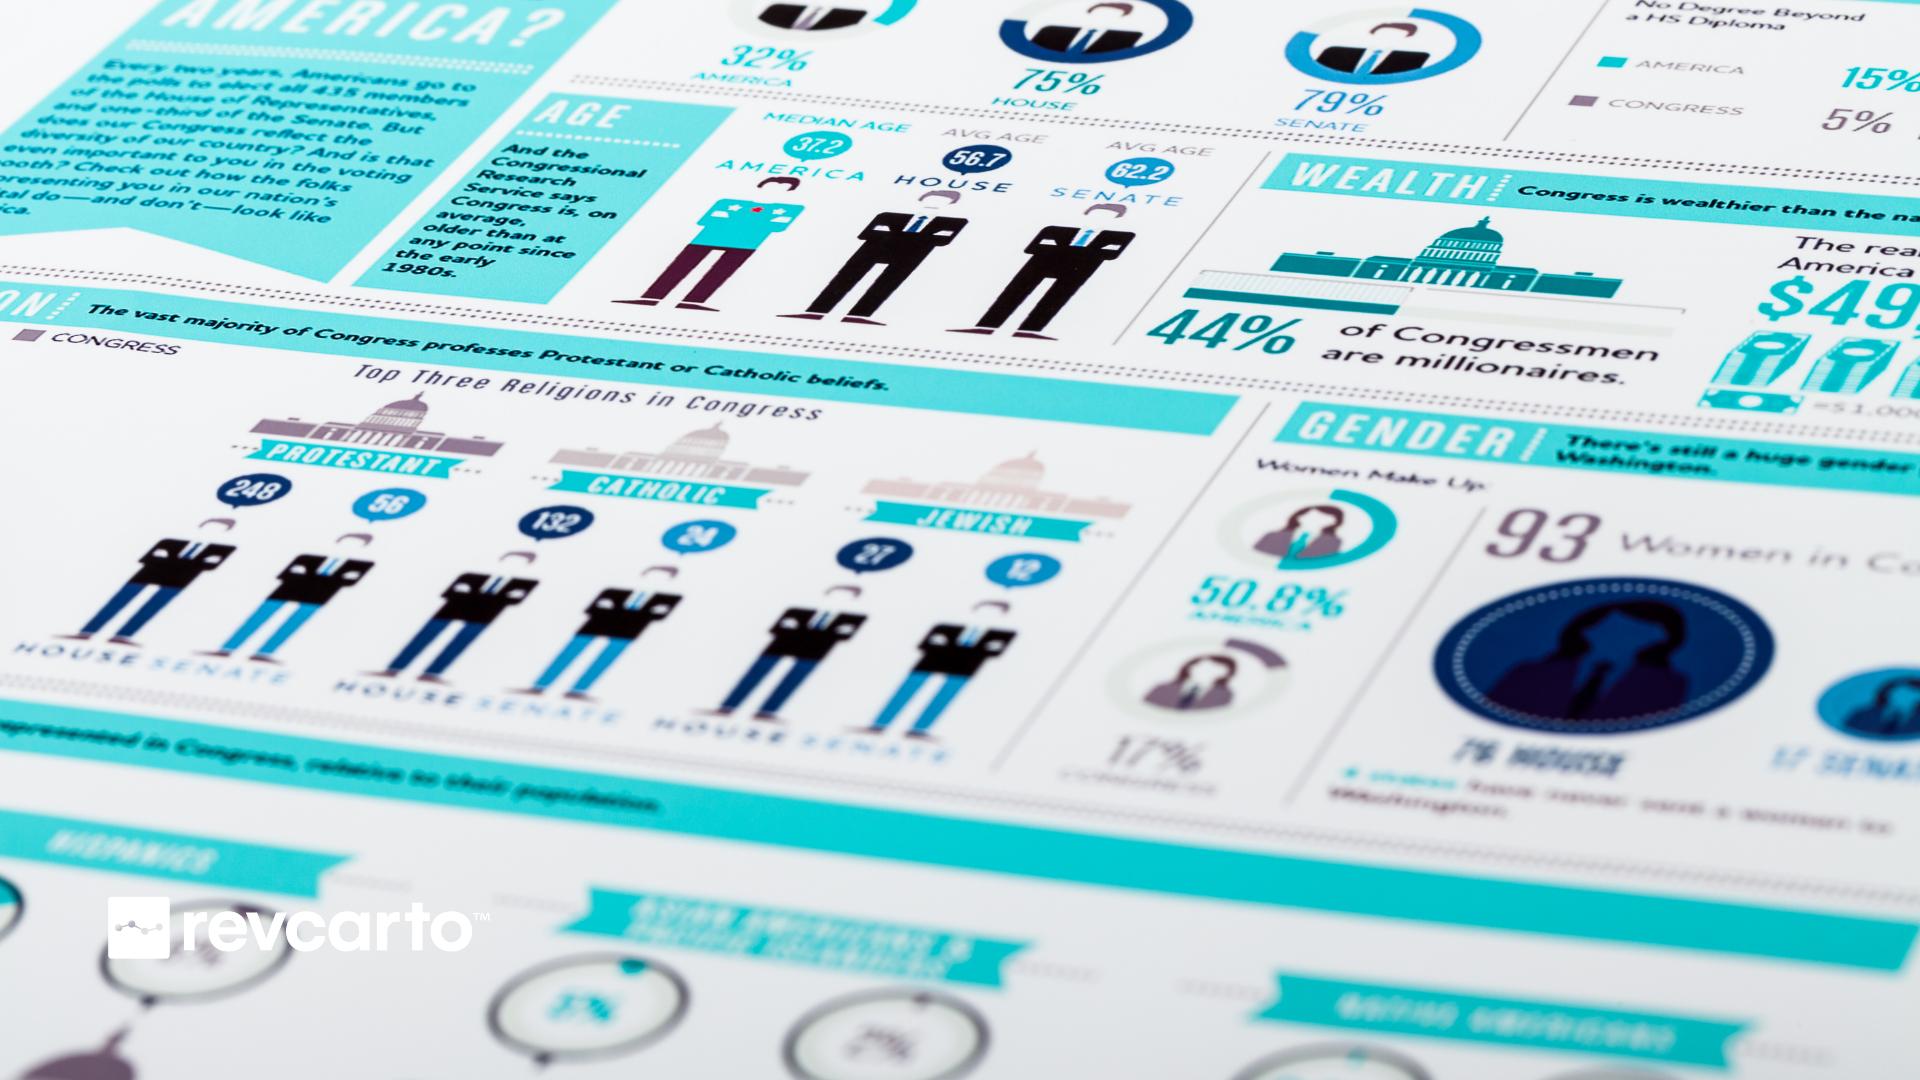 Leverage Infographics Revcarto